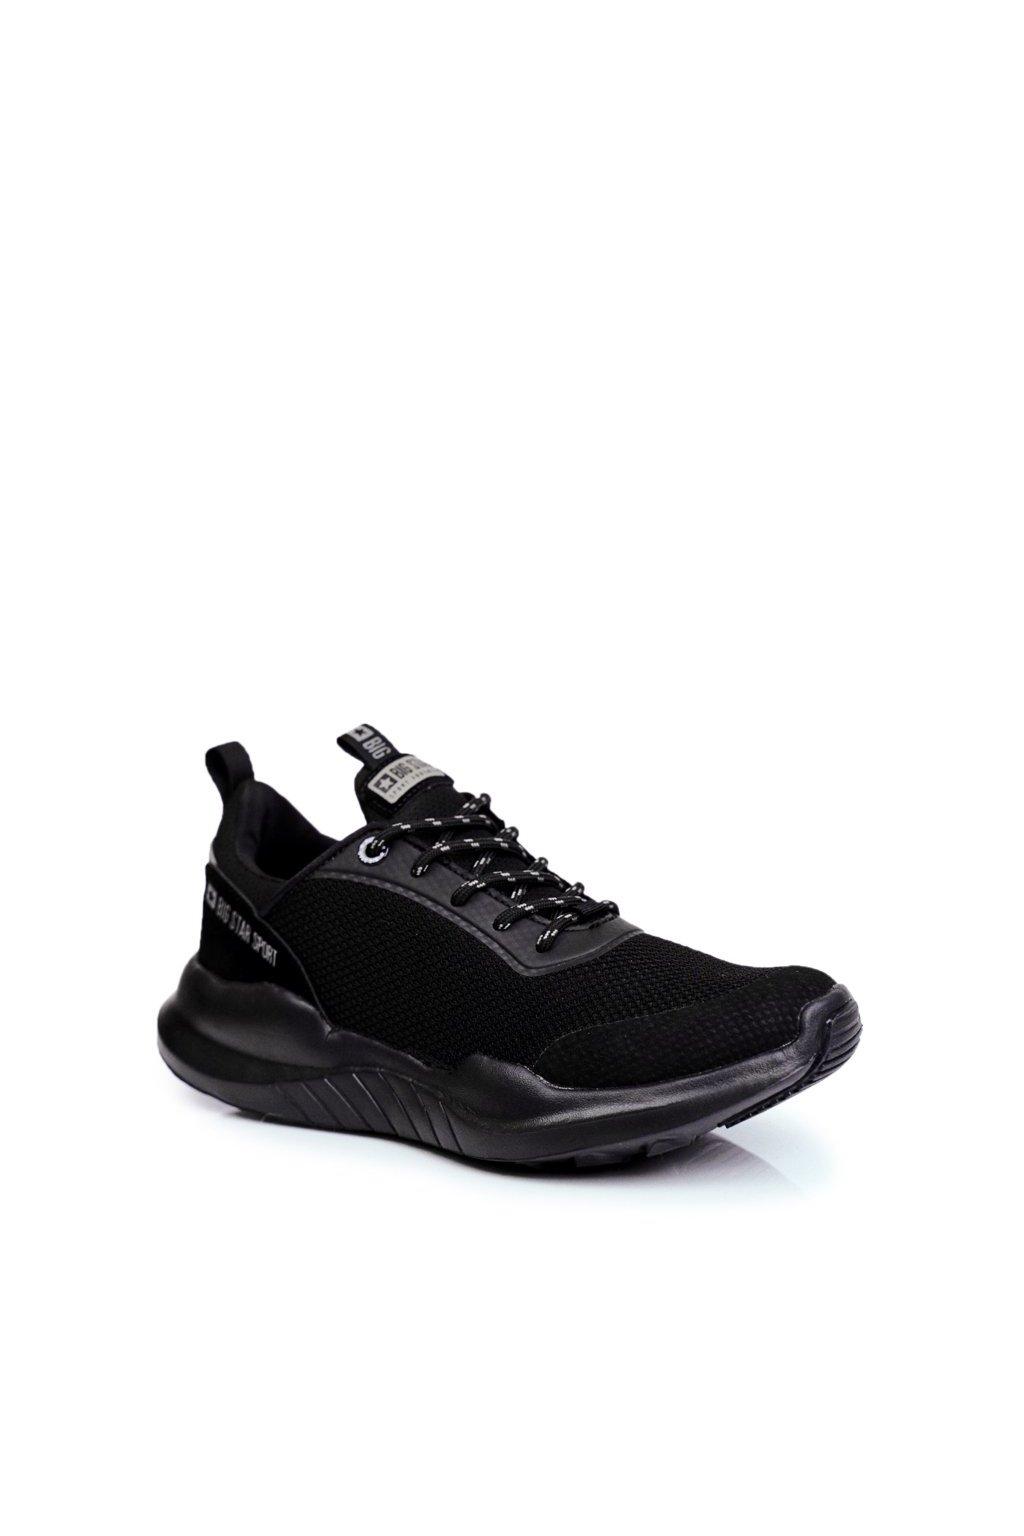 Čierna obuv kód topánok FF174177 BLK